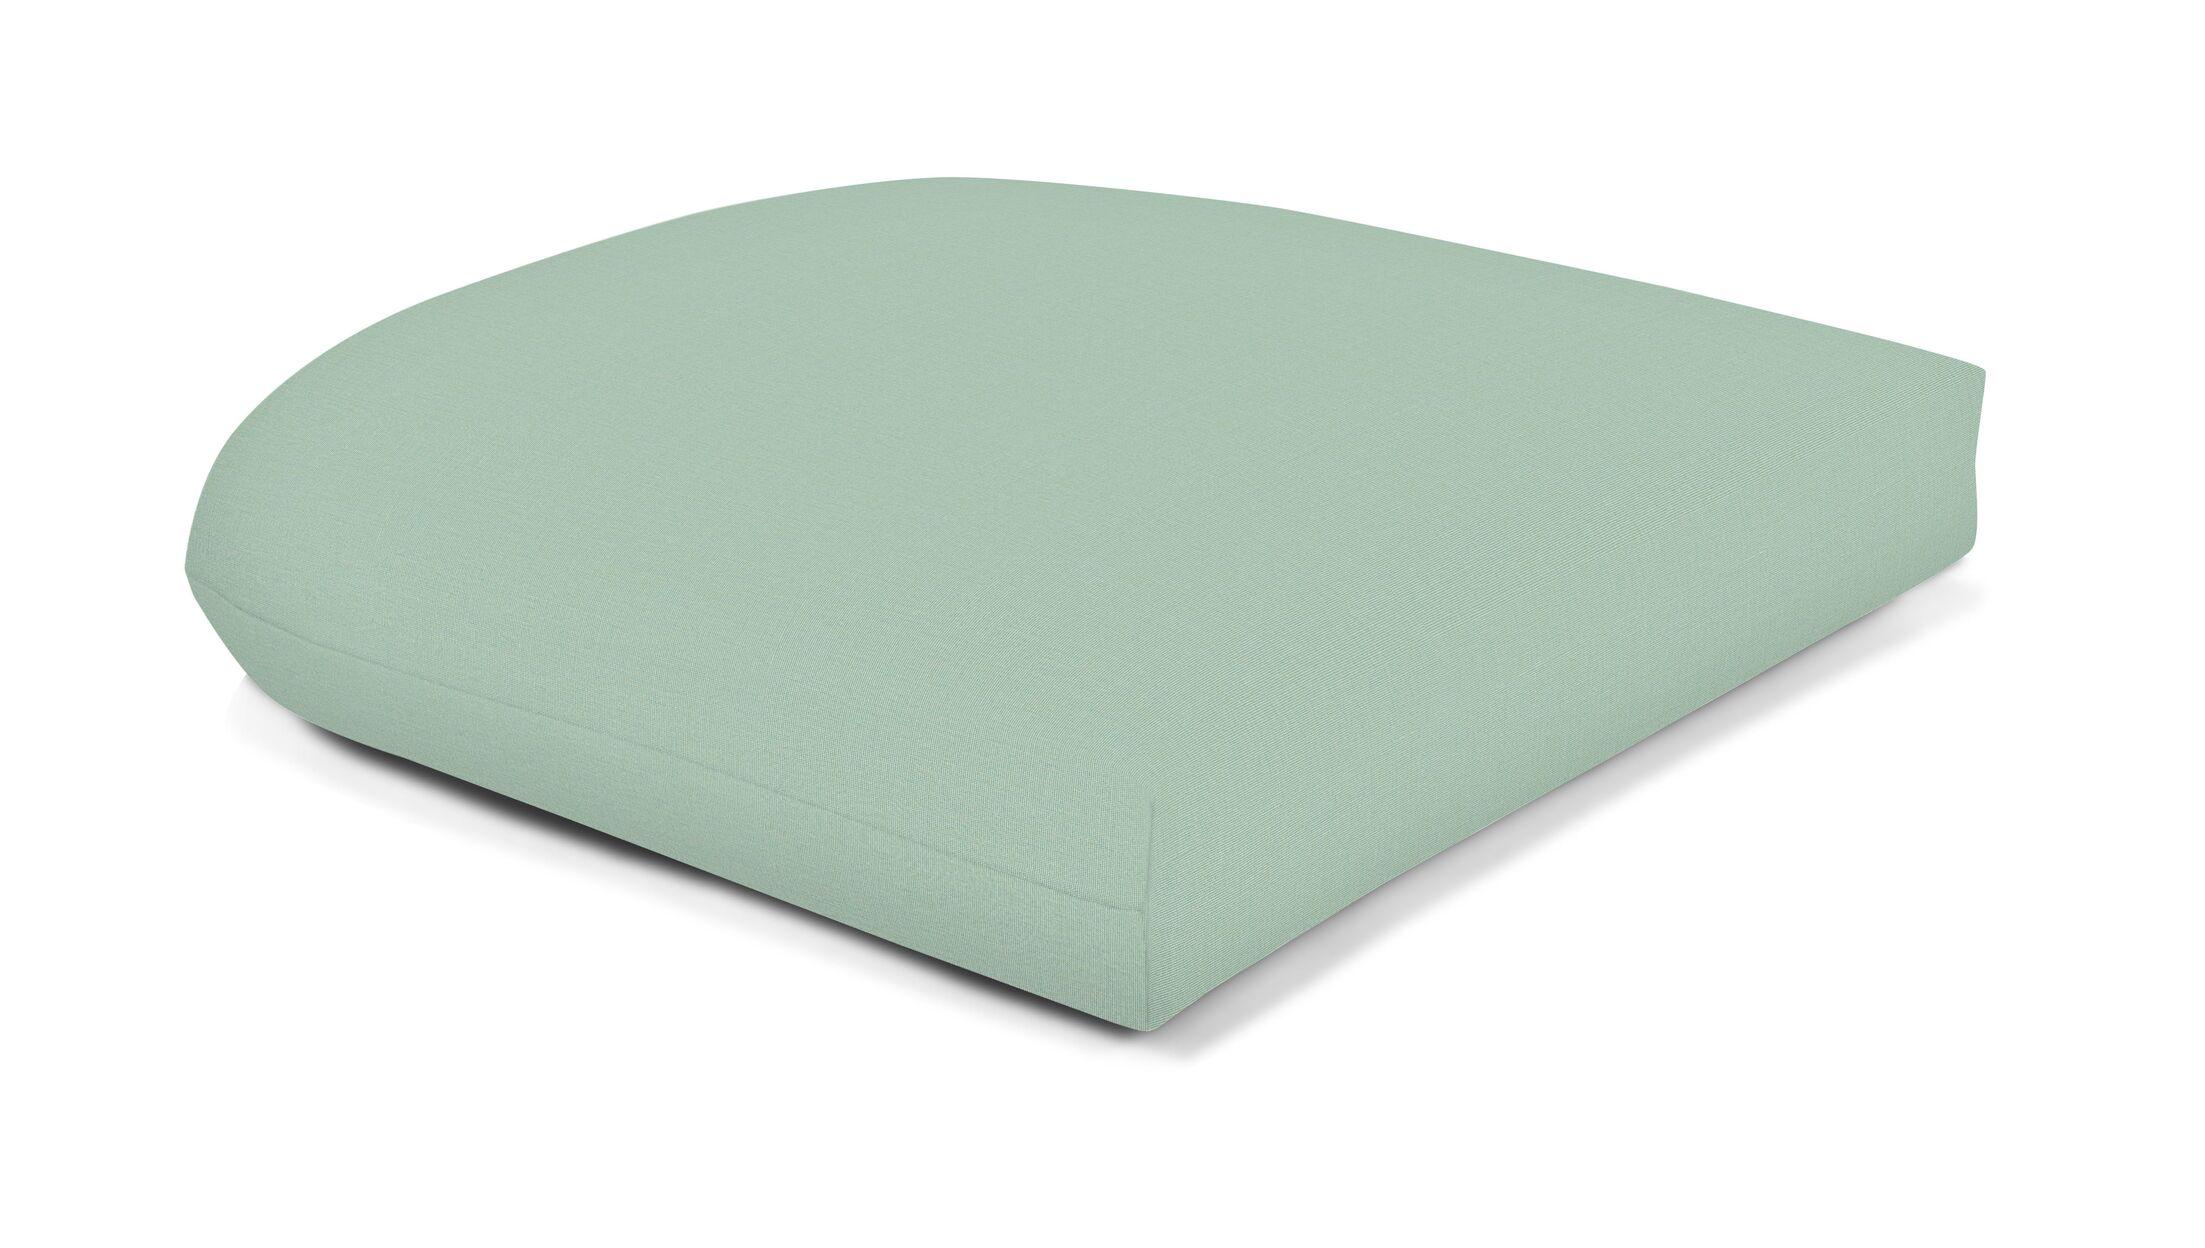 Indoor/Outdoor Sunbrella Seat Cushion Fabric: Spa